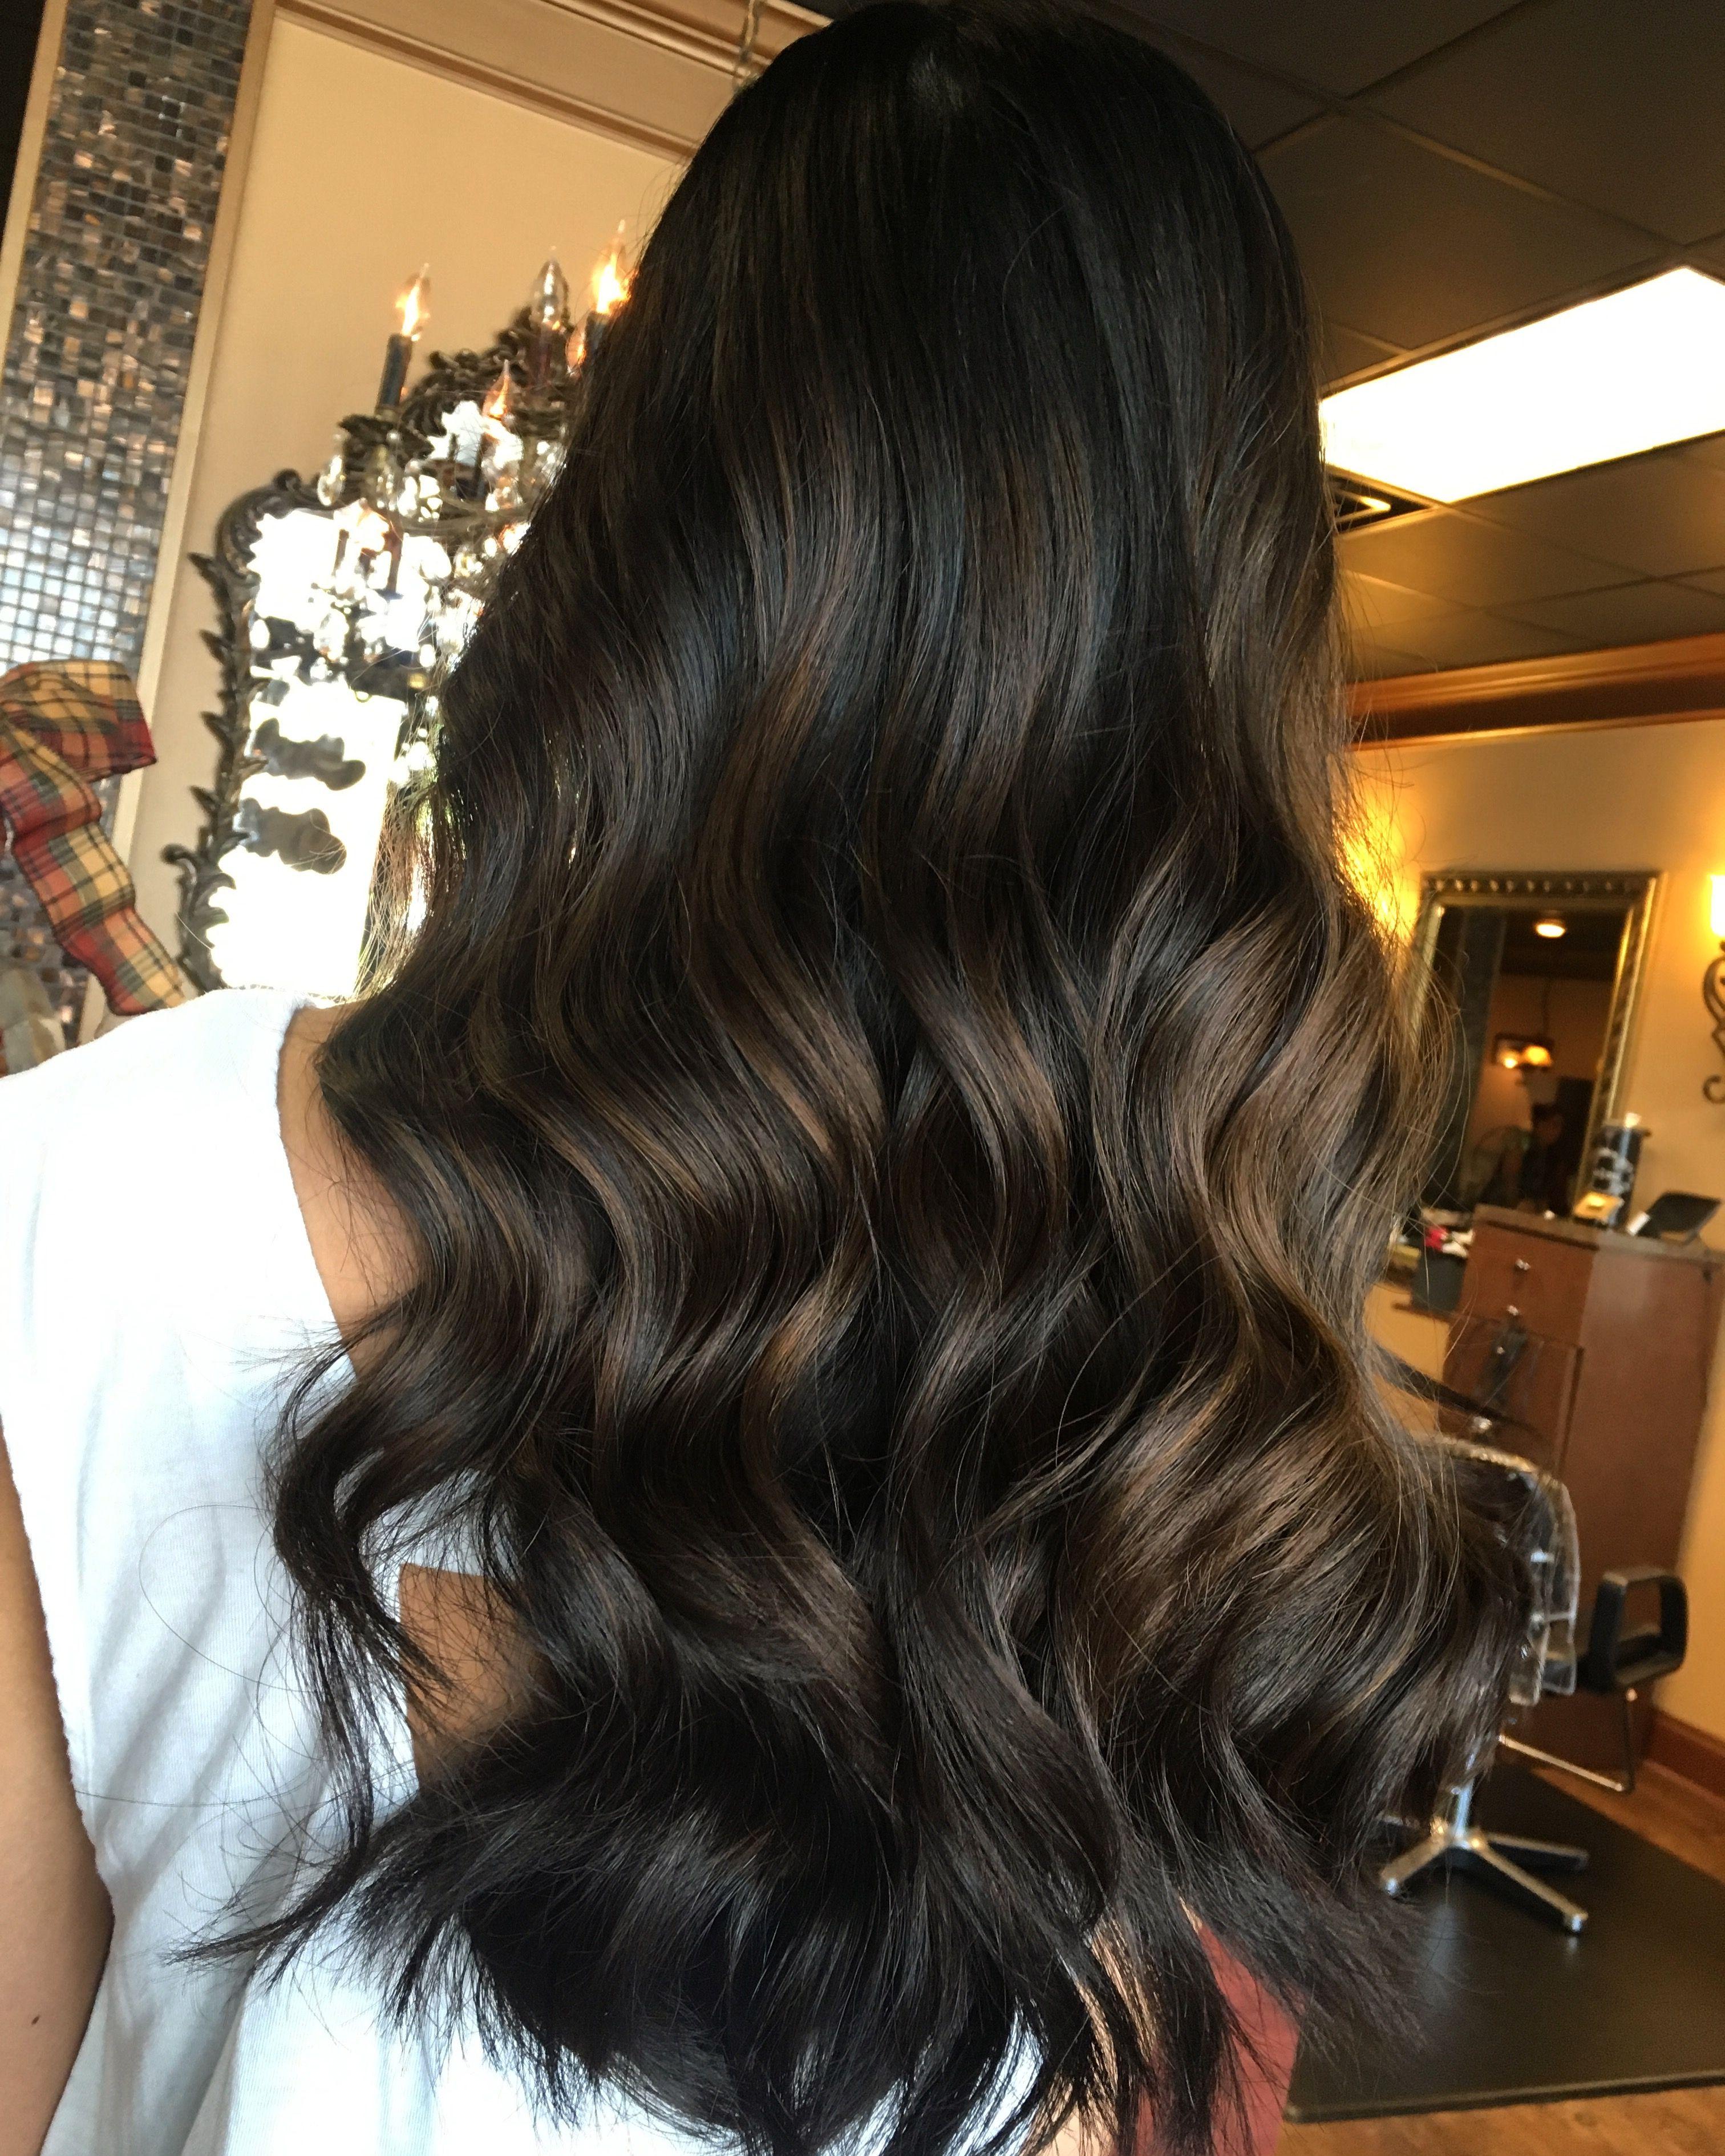 Subtle Highlights Brunette Hair Instagram Jessqhair Brown Ombre Hair Brunette Hair Color Hair Styles